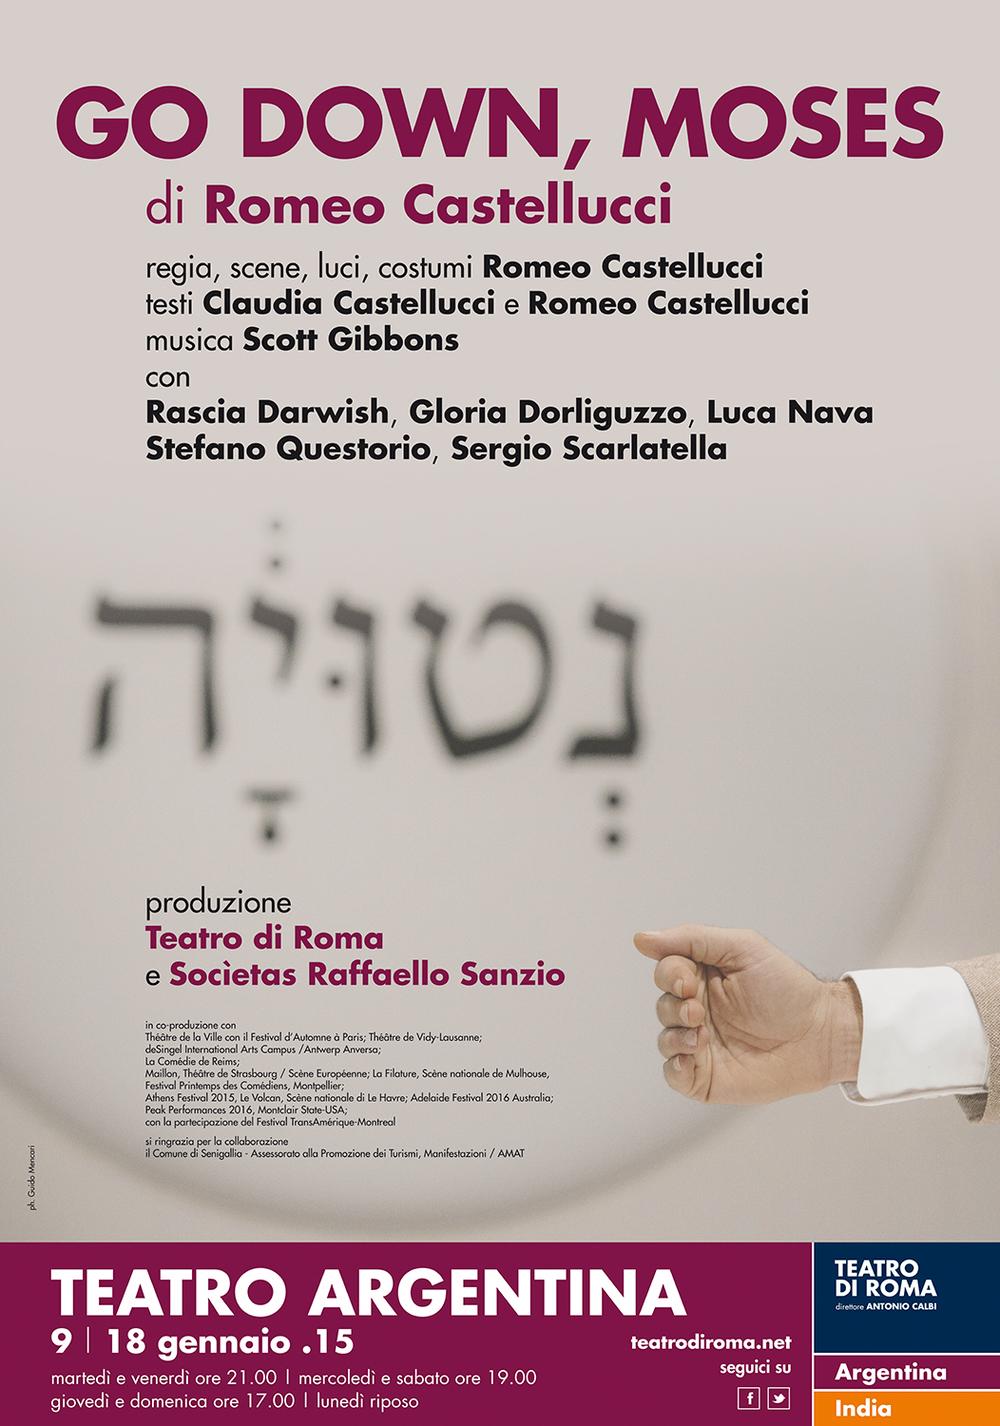 Romeo Castellucci   Go Down, Moses   Socìetas Raffaello Sanzio, directed by Romeo Castellucci   Poster   Teatro di Roma, 2014